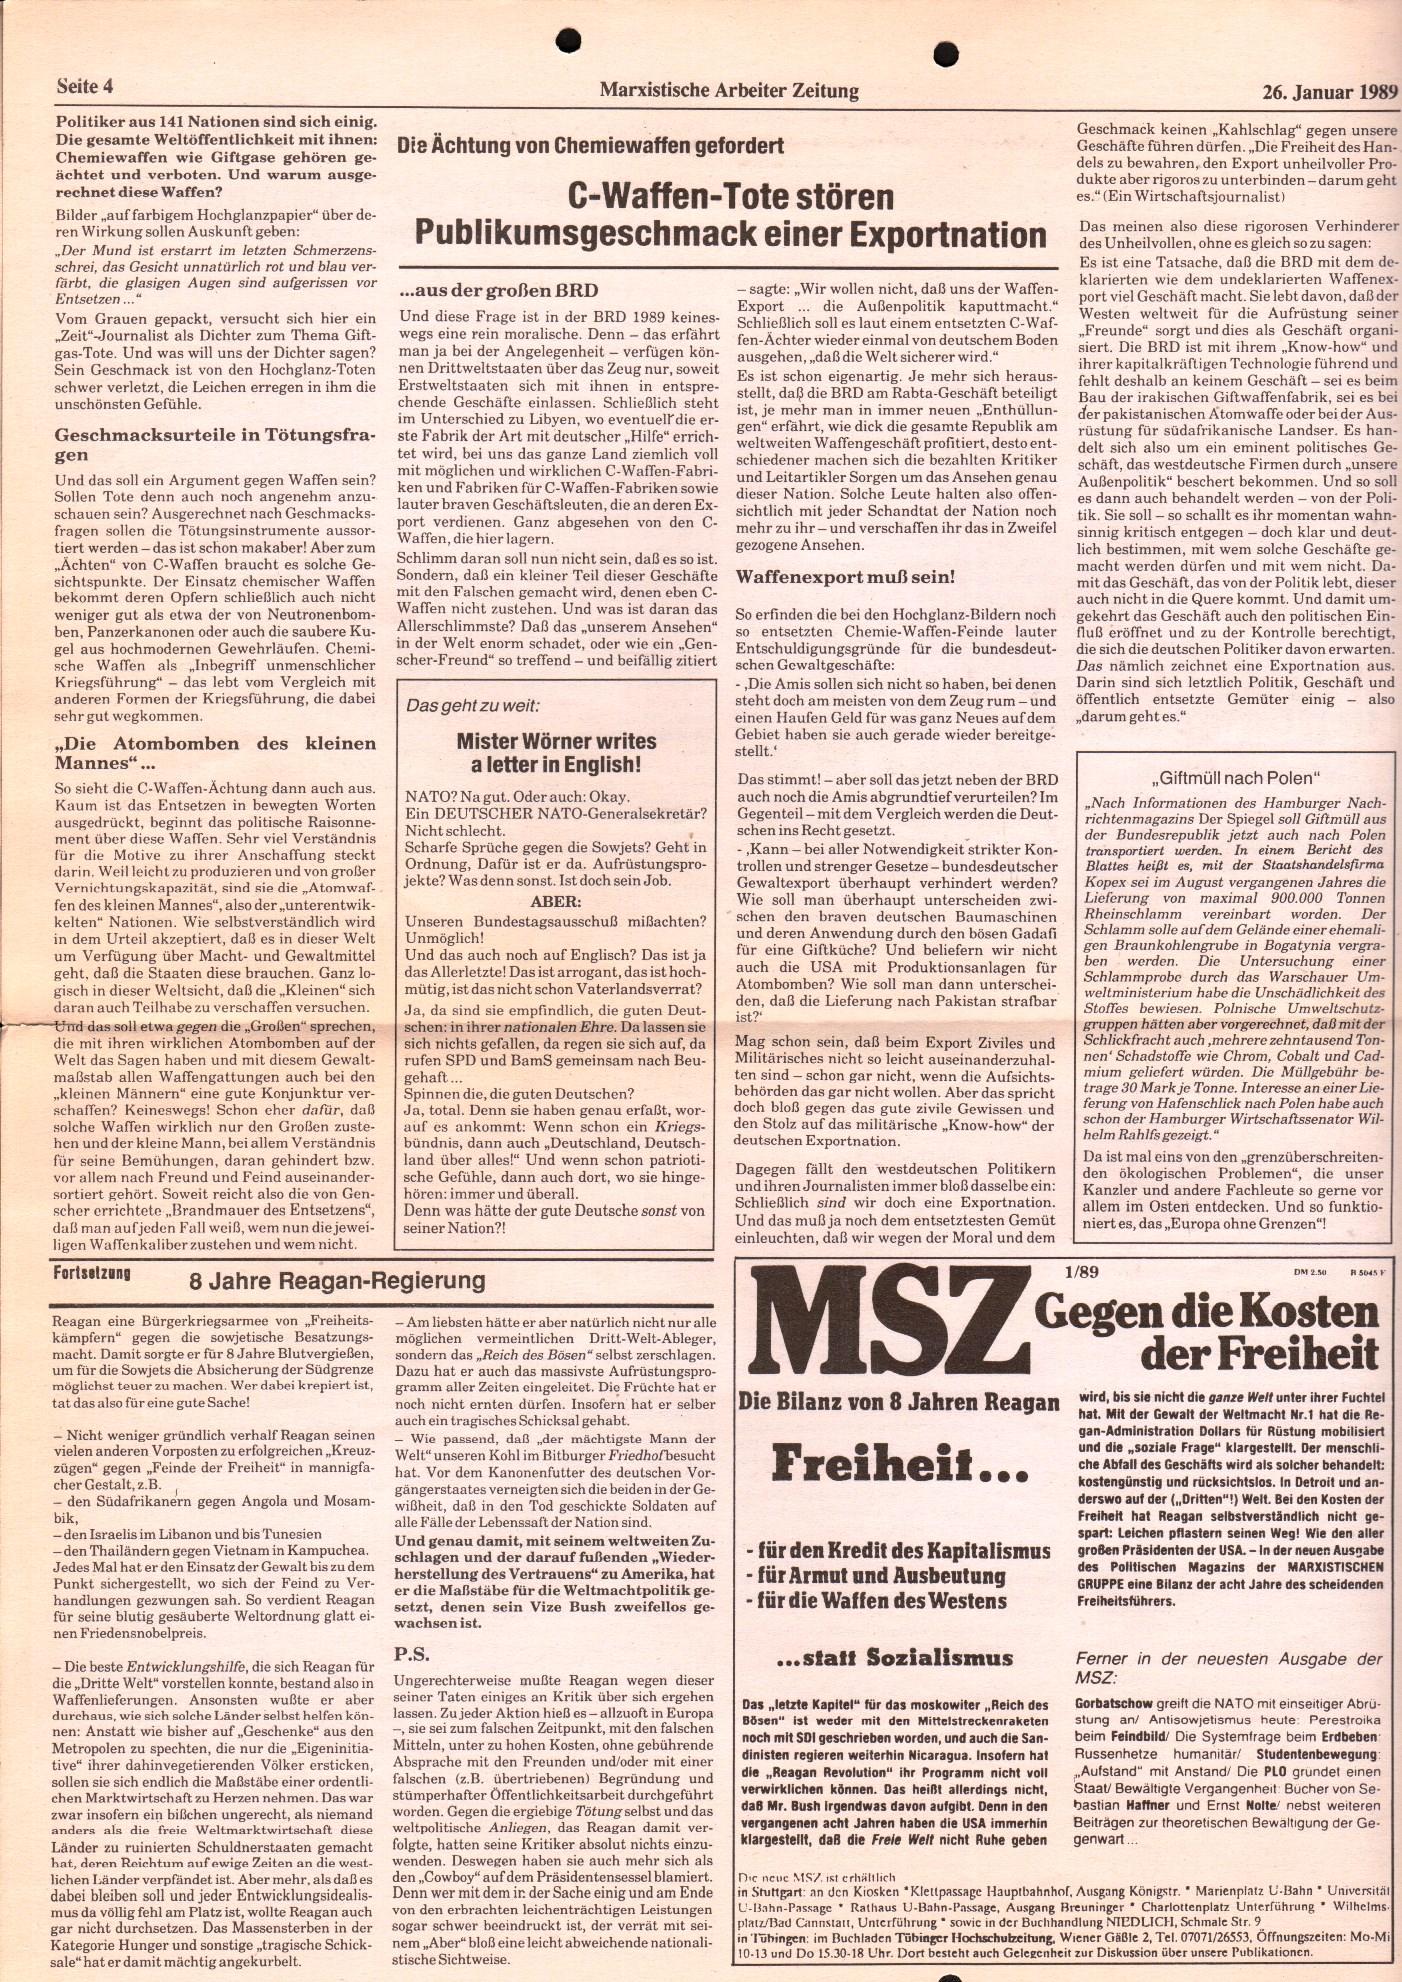 BW_MG_Marxistische_Arbeiterzeitung_19890126_04